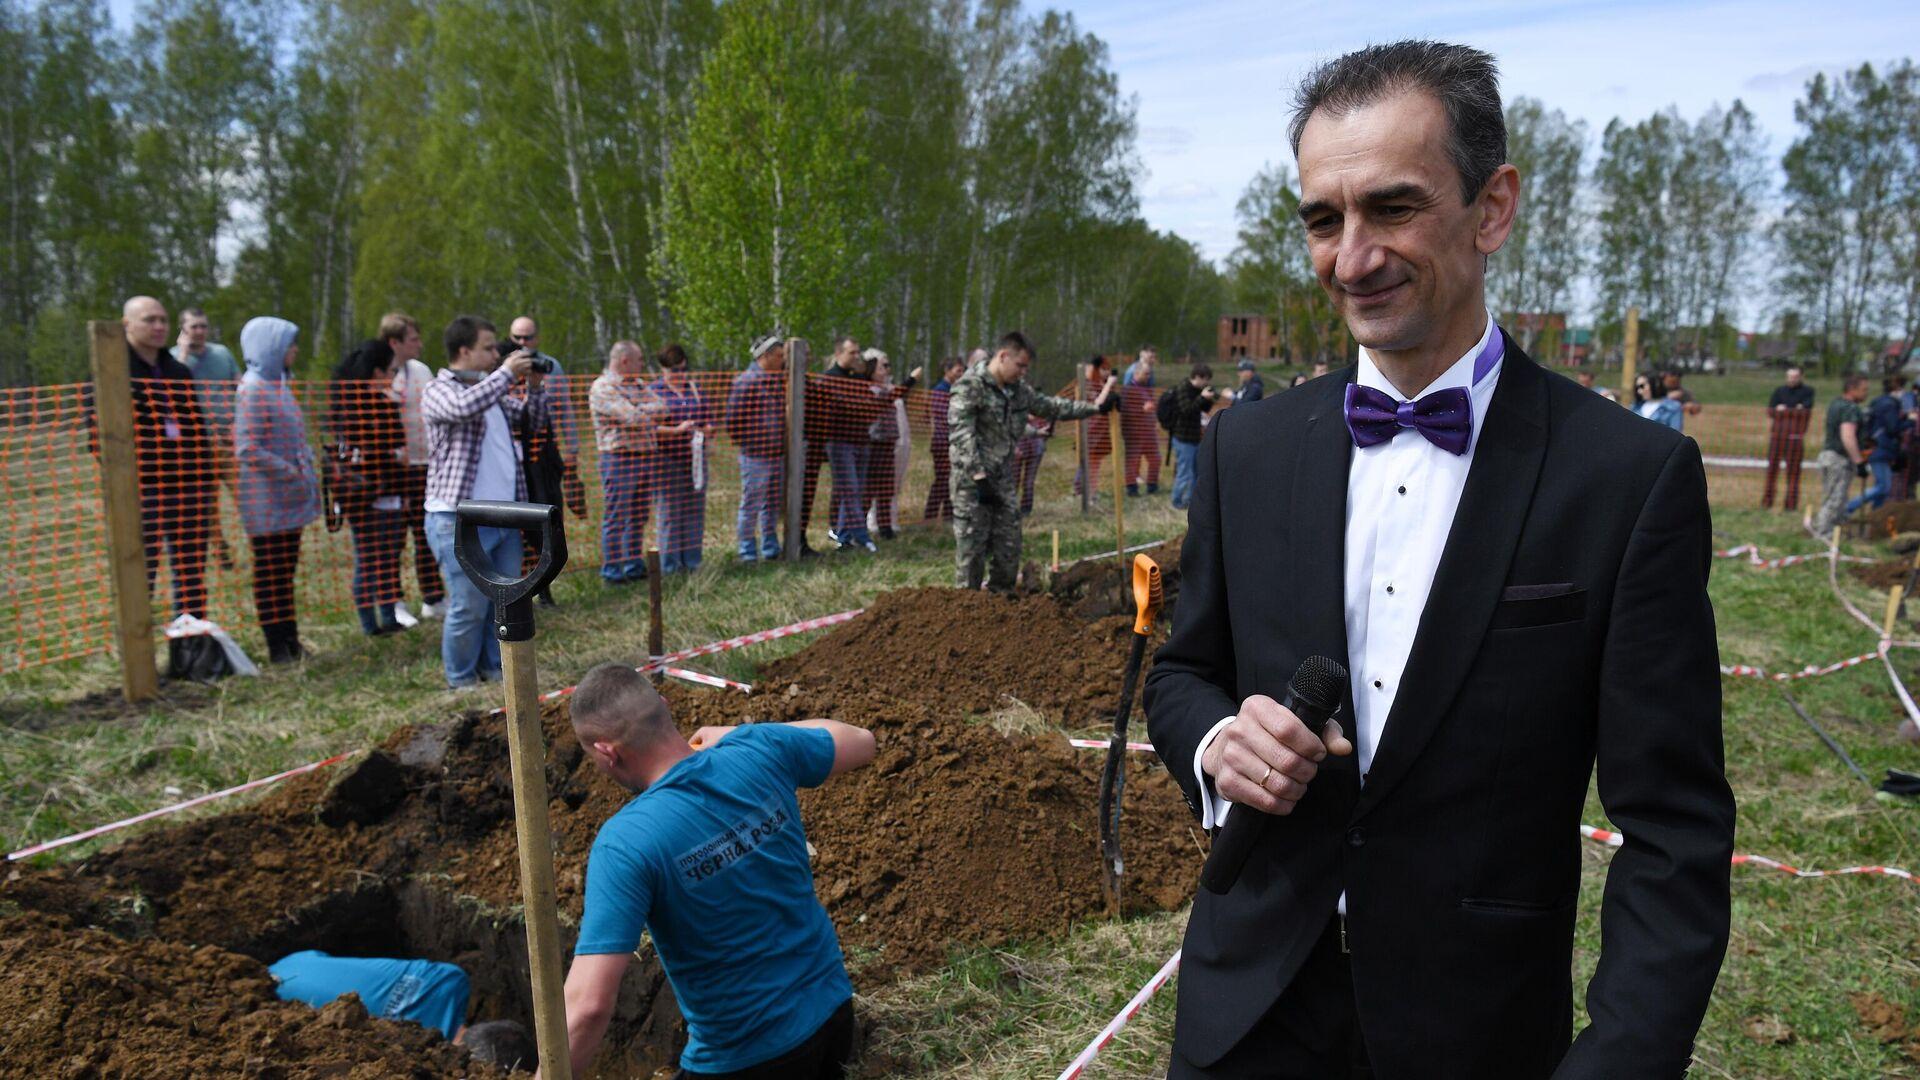 A Novosibirsk si svolge competizione dello scavamento di tombe - Sputnik Italia, 1920, 18.05.2021